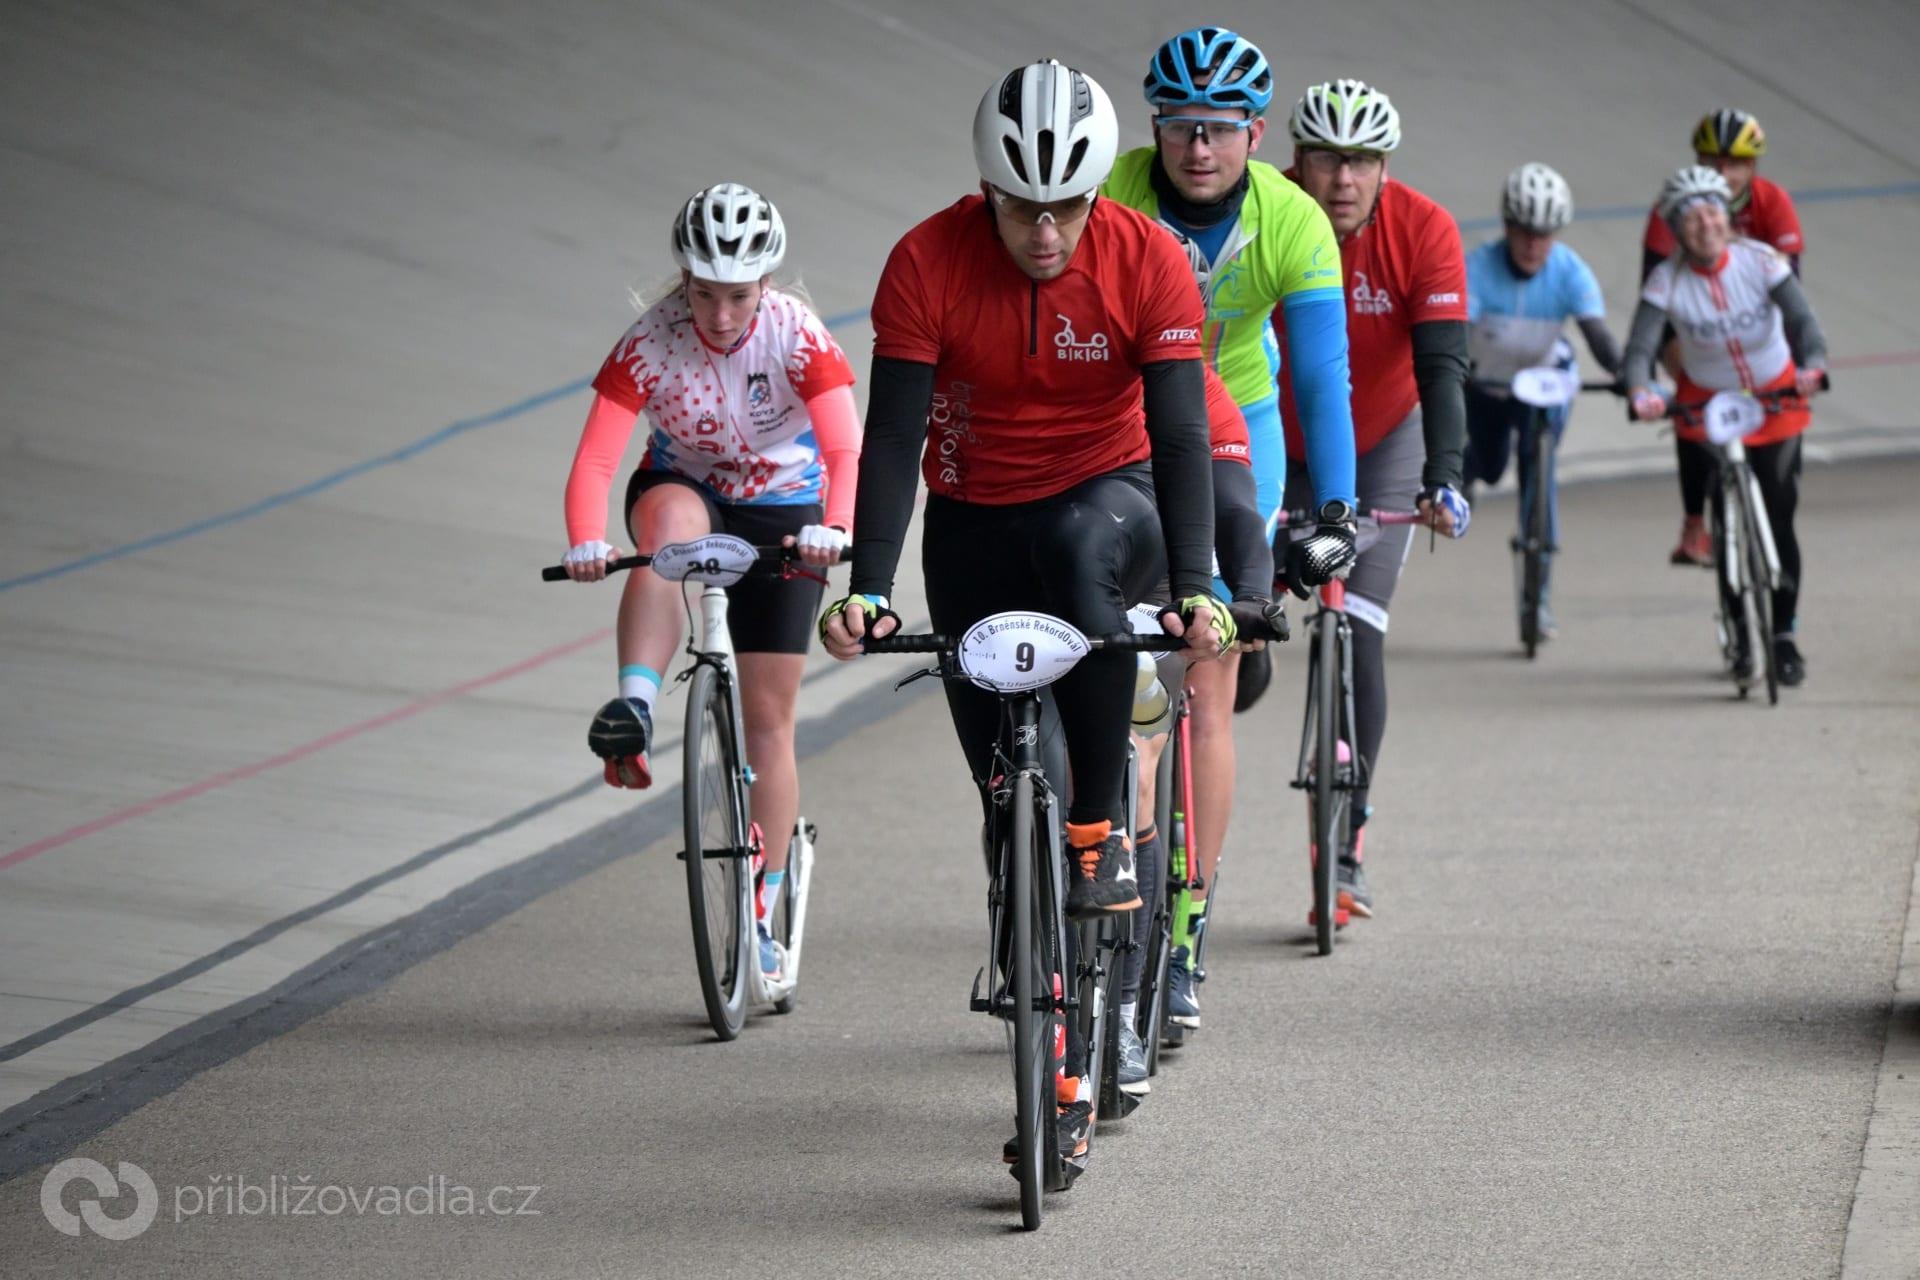 Ladislav Mandelík (9 | BKG) vede skupinu stíhající Romana Matyáše v závodu B21. Vlevo první žena Andrea Zbožková (38 | Lipník Dragons)